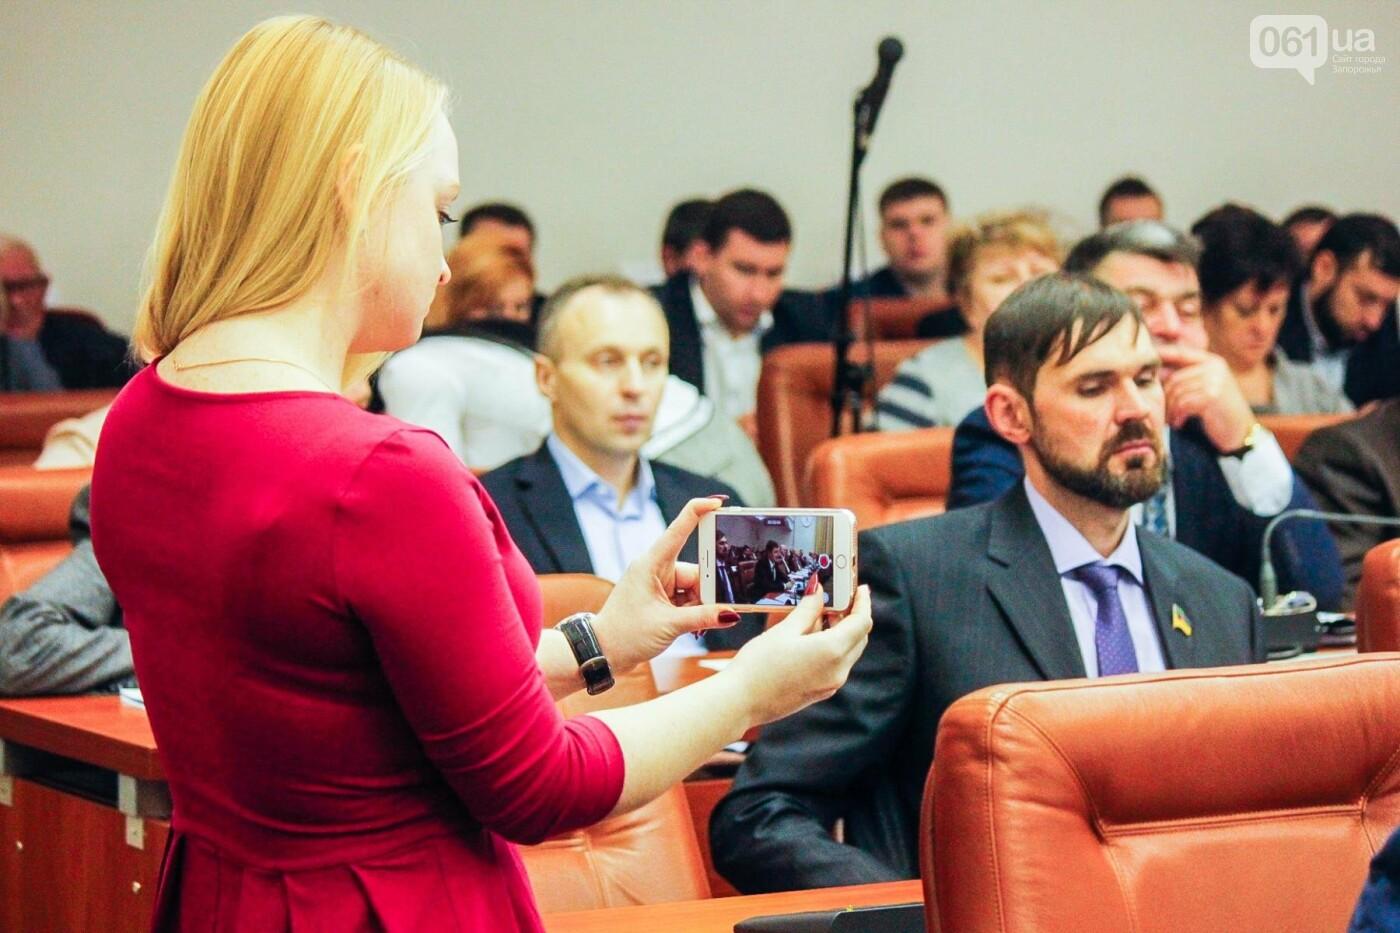 Сессия запорожского горсовета в лицах, - ФОТОРЕПОРТАЖ, фото-35